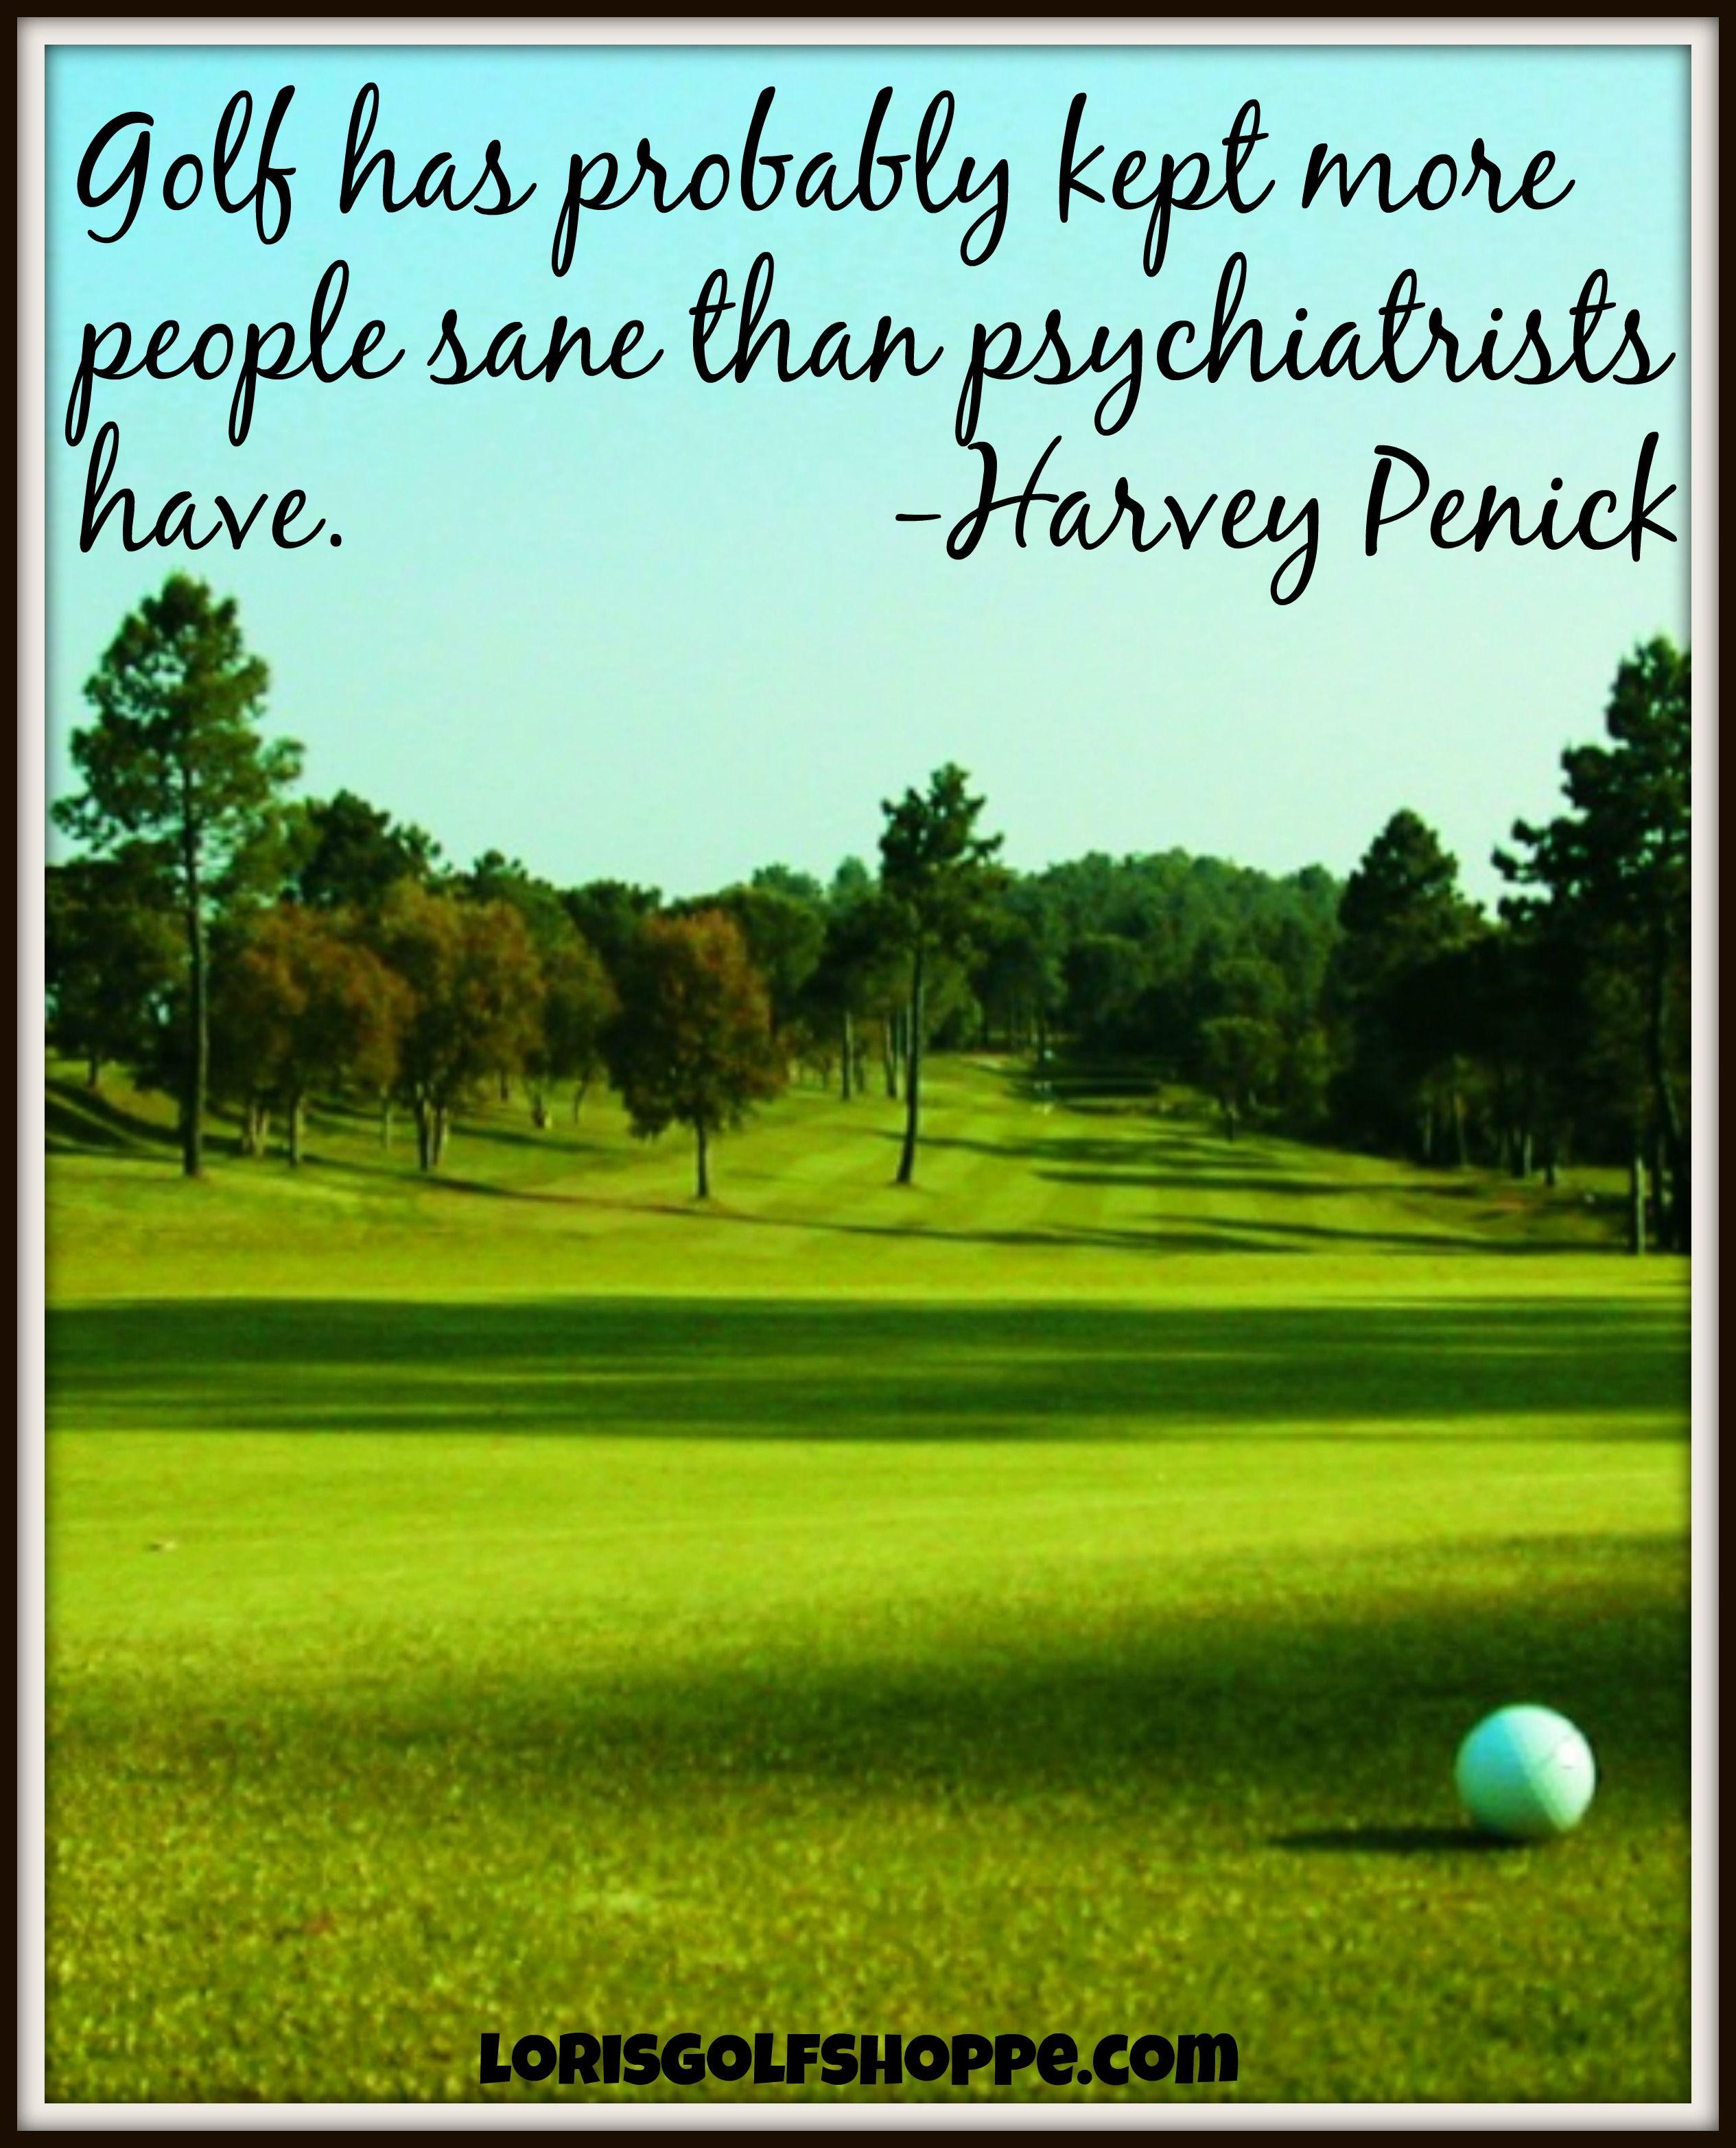 Was wahres dran? #kgc #golf #zitat #spruch #gesund | Golf Humor